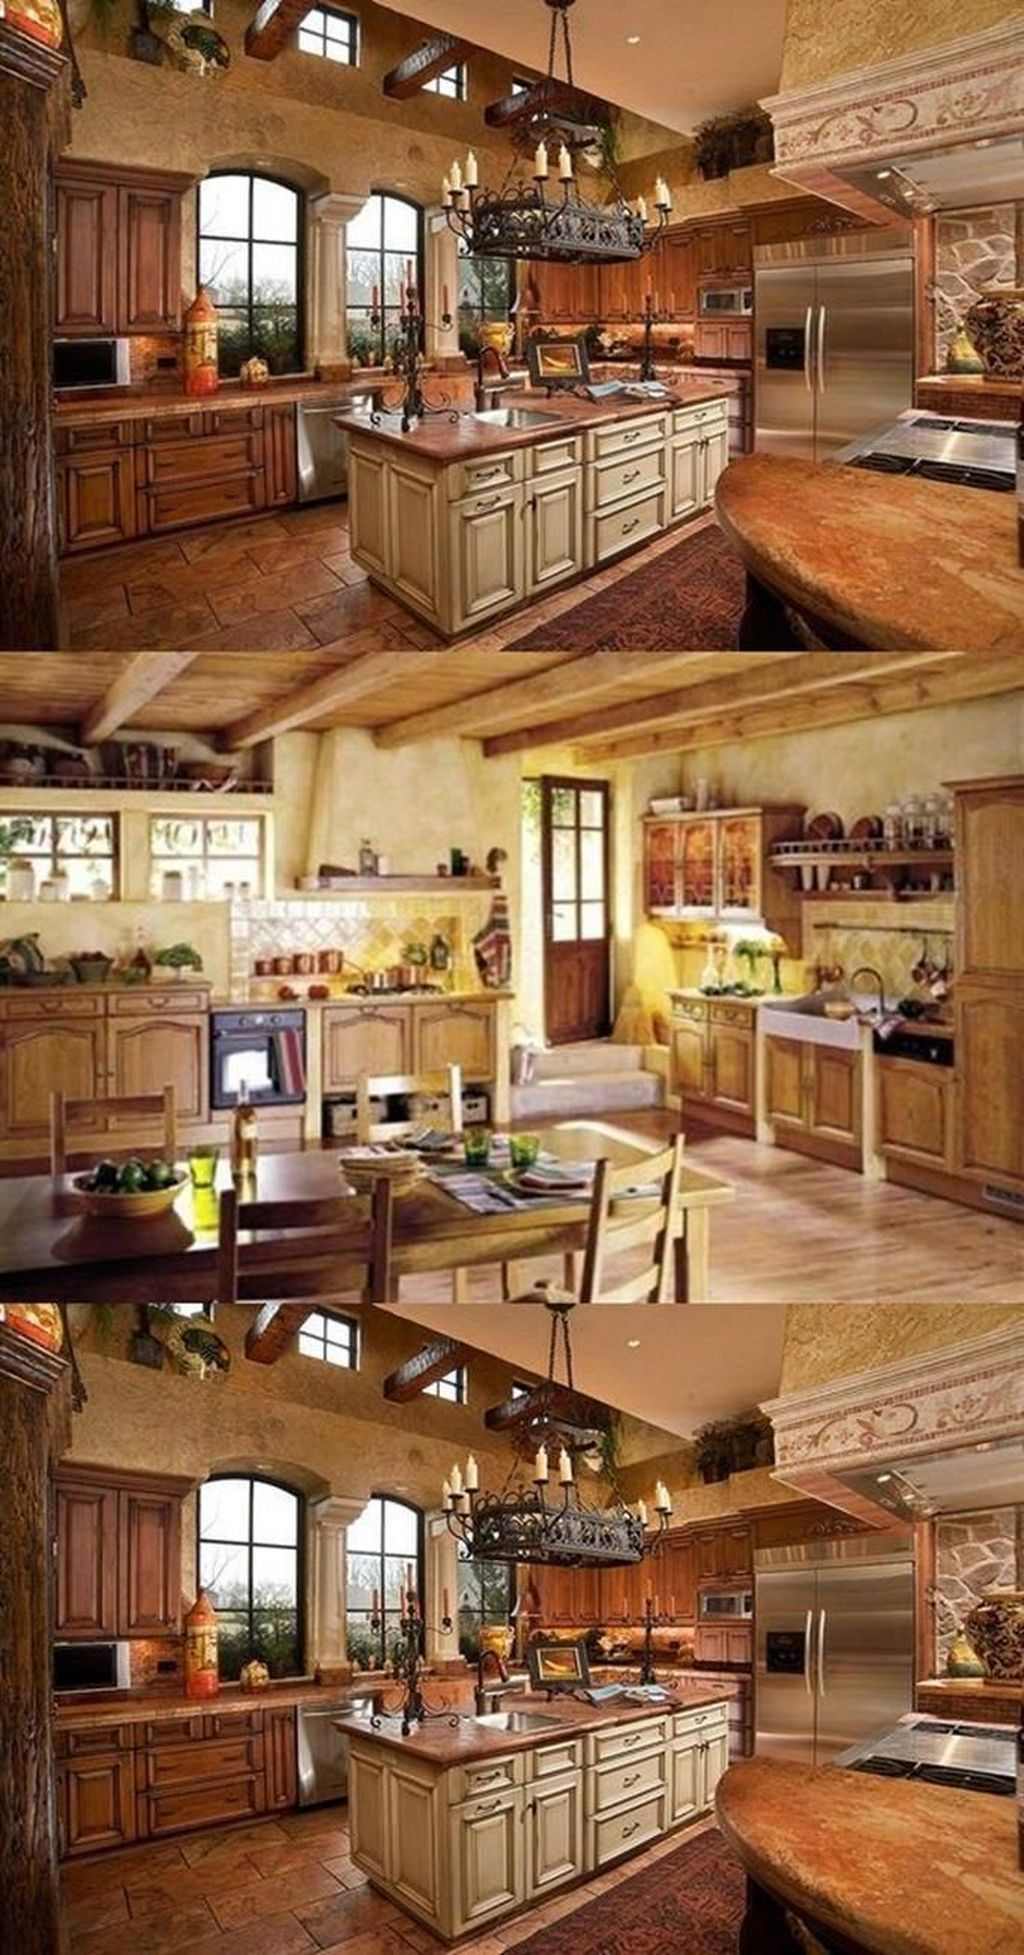 42 Amazing Italian Kitchen Decor Ideas Italian Style Kitchens